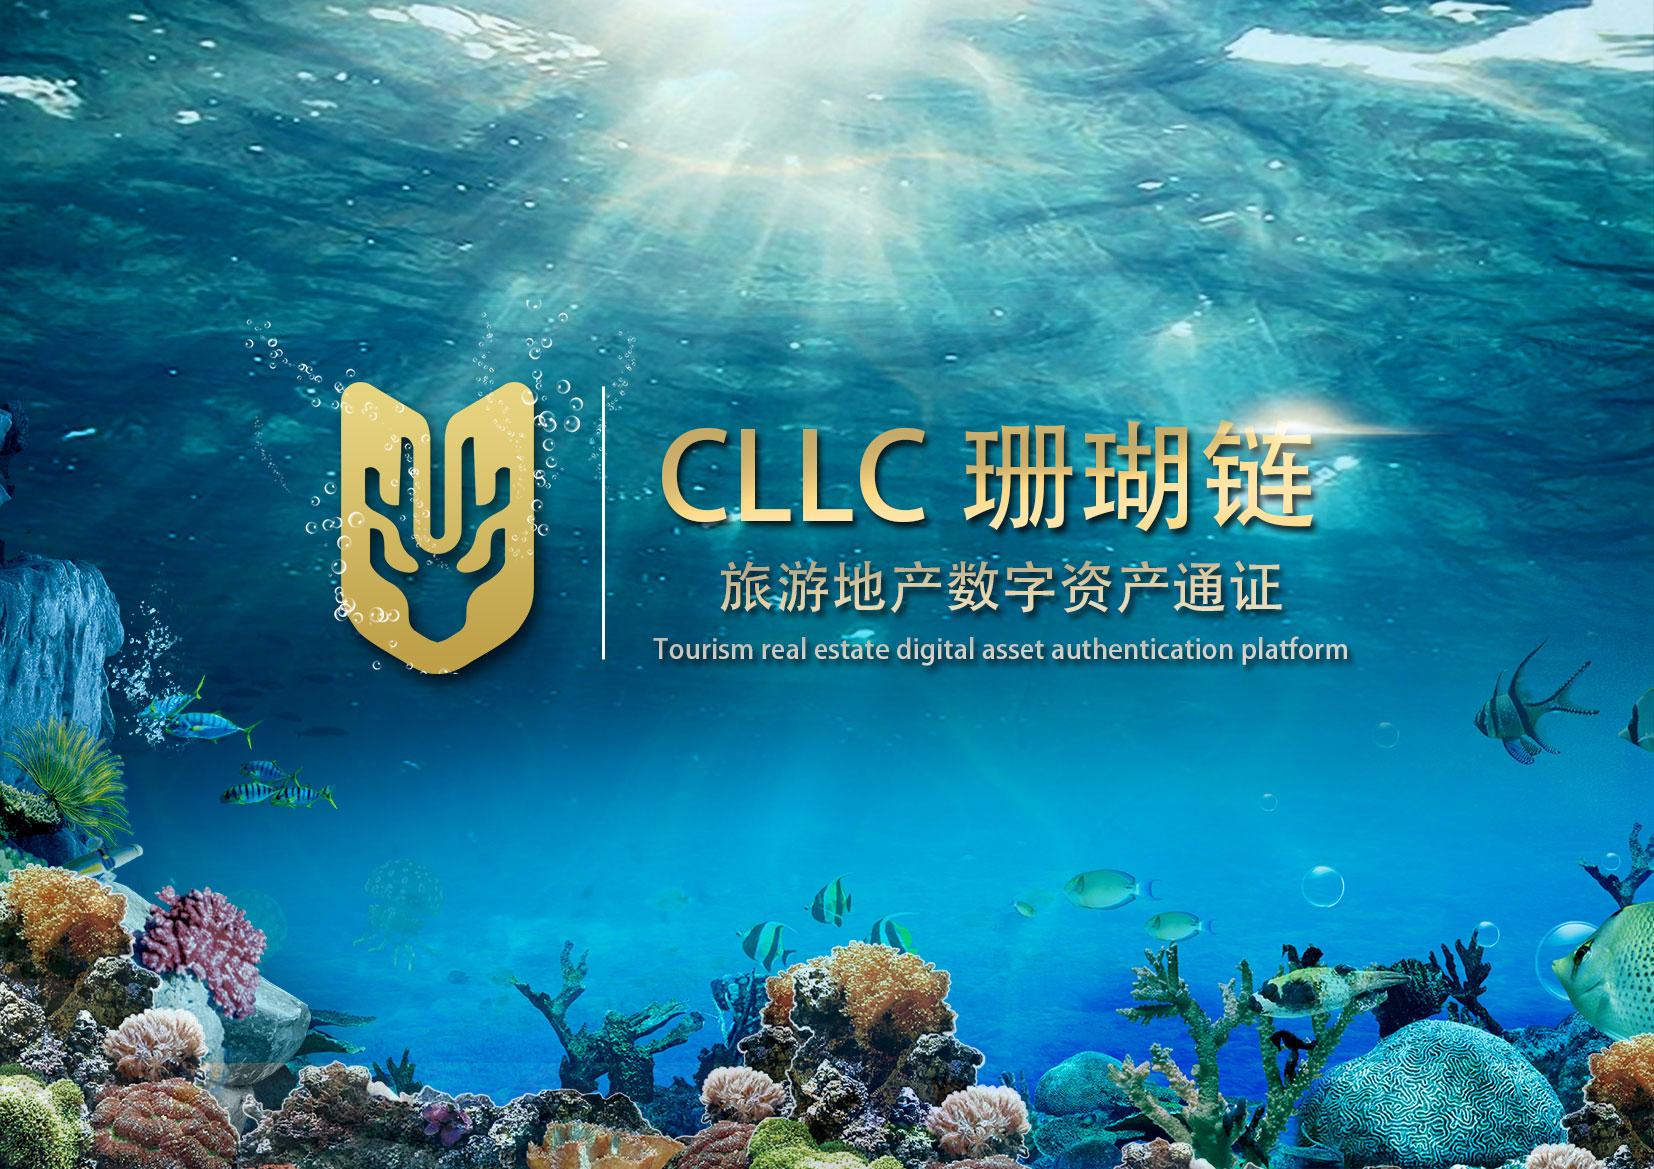 红树林集团宣布加密数字权益证明-CLLC TOKEN通证面市